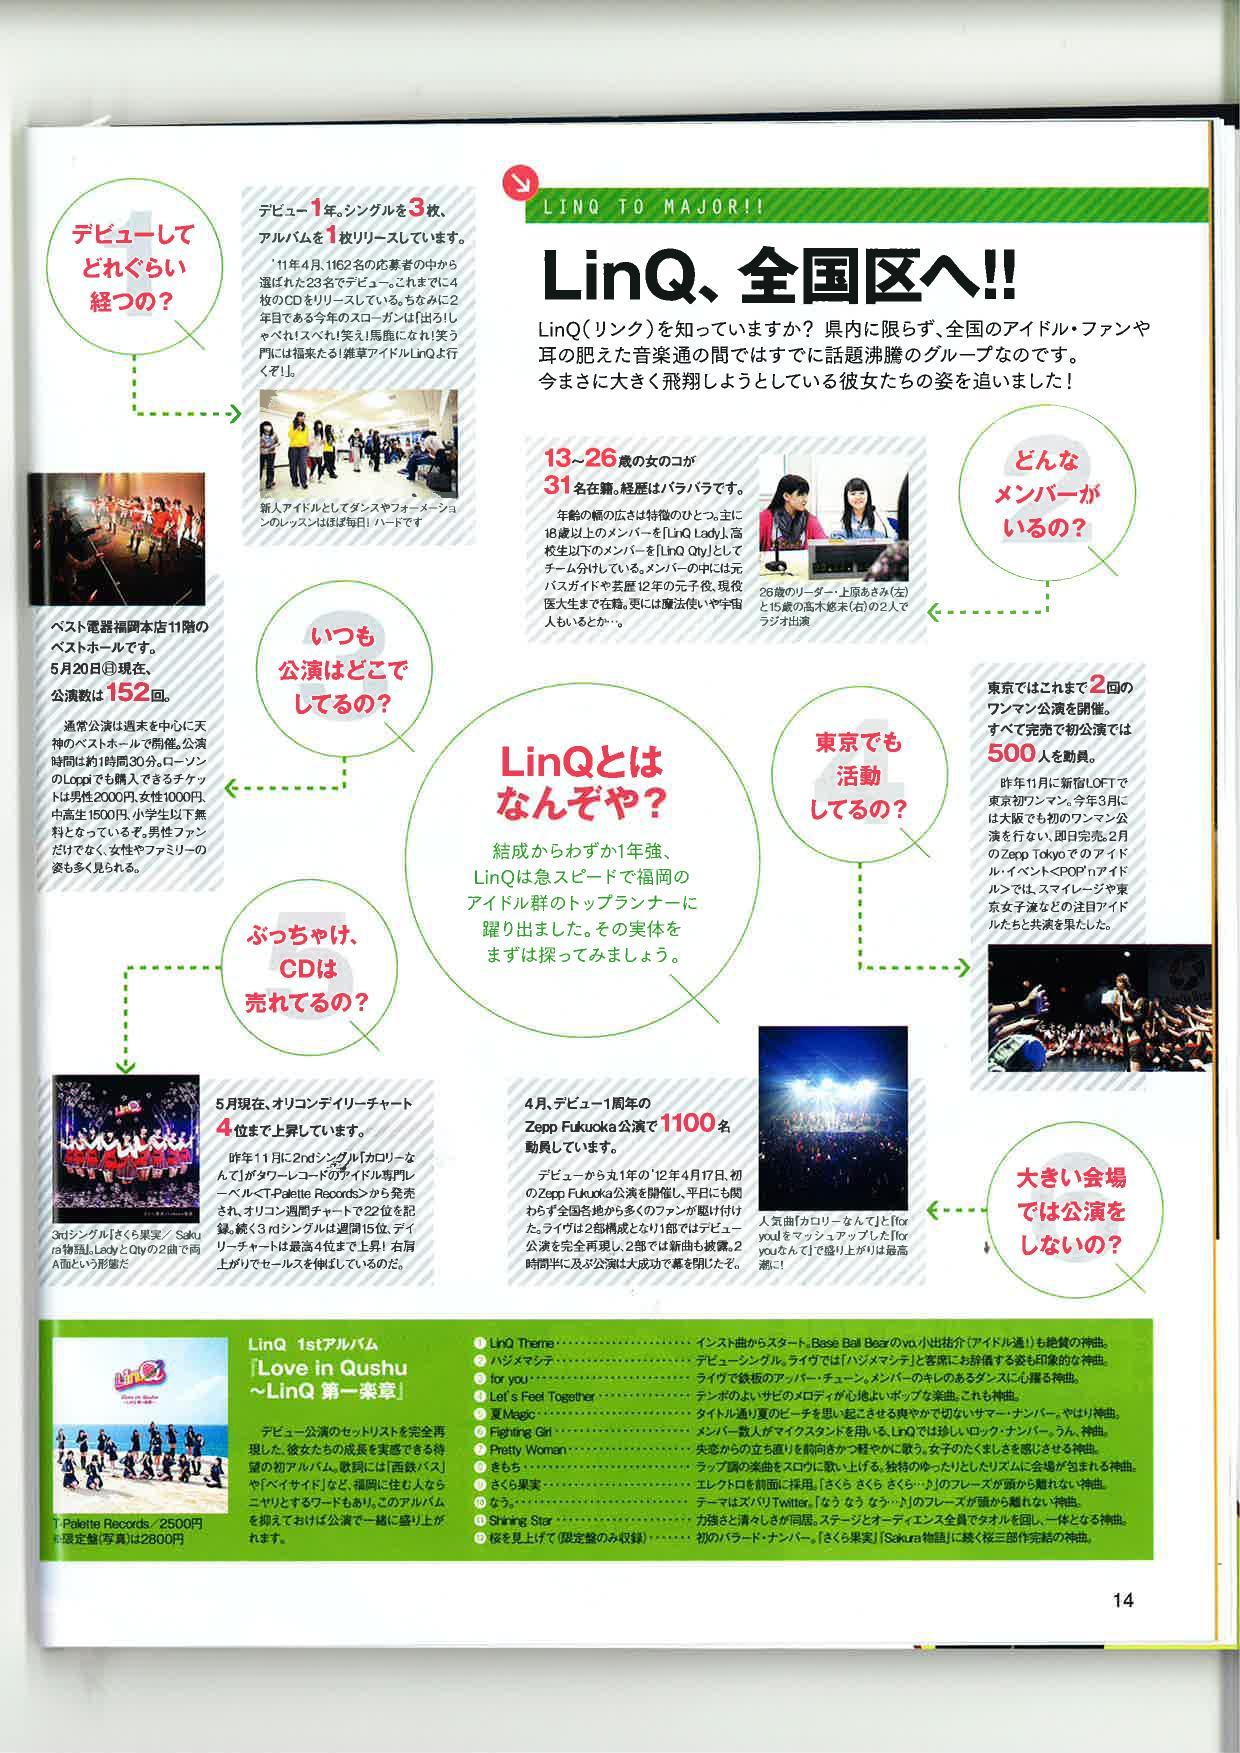 シティ情報ふくおか6月号 LinQ記事10001